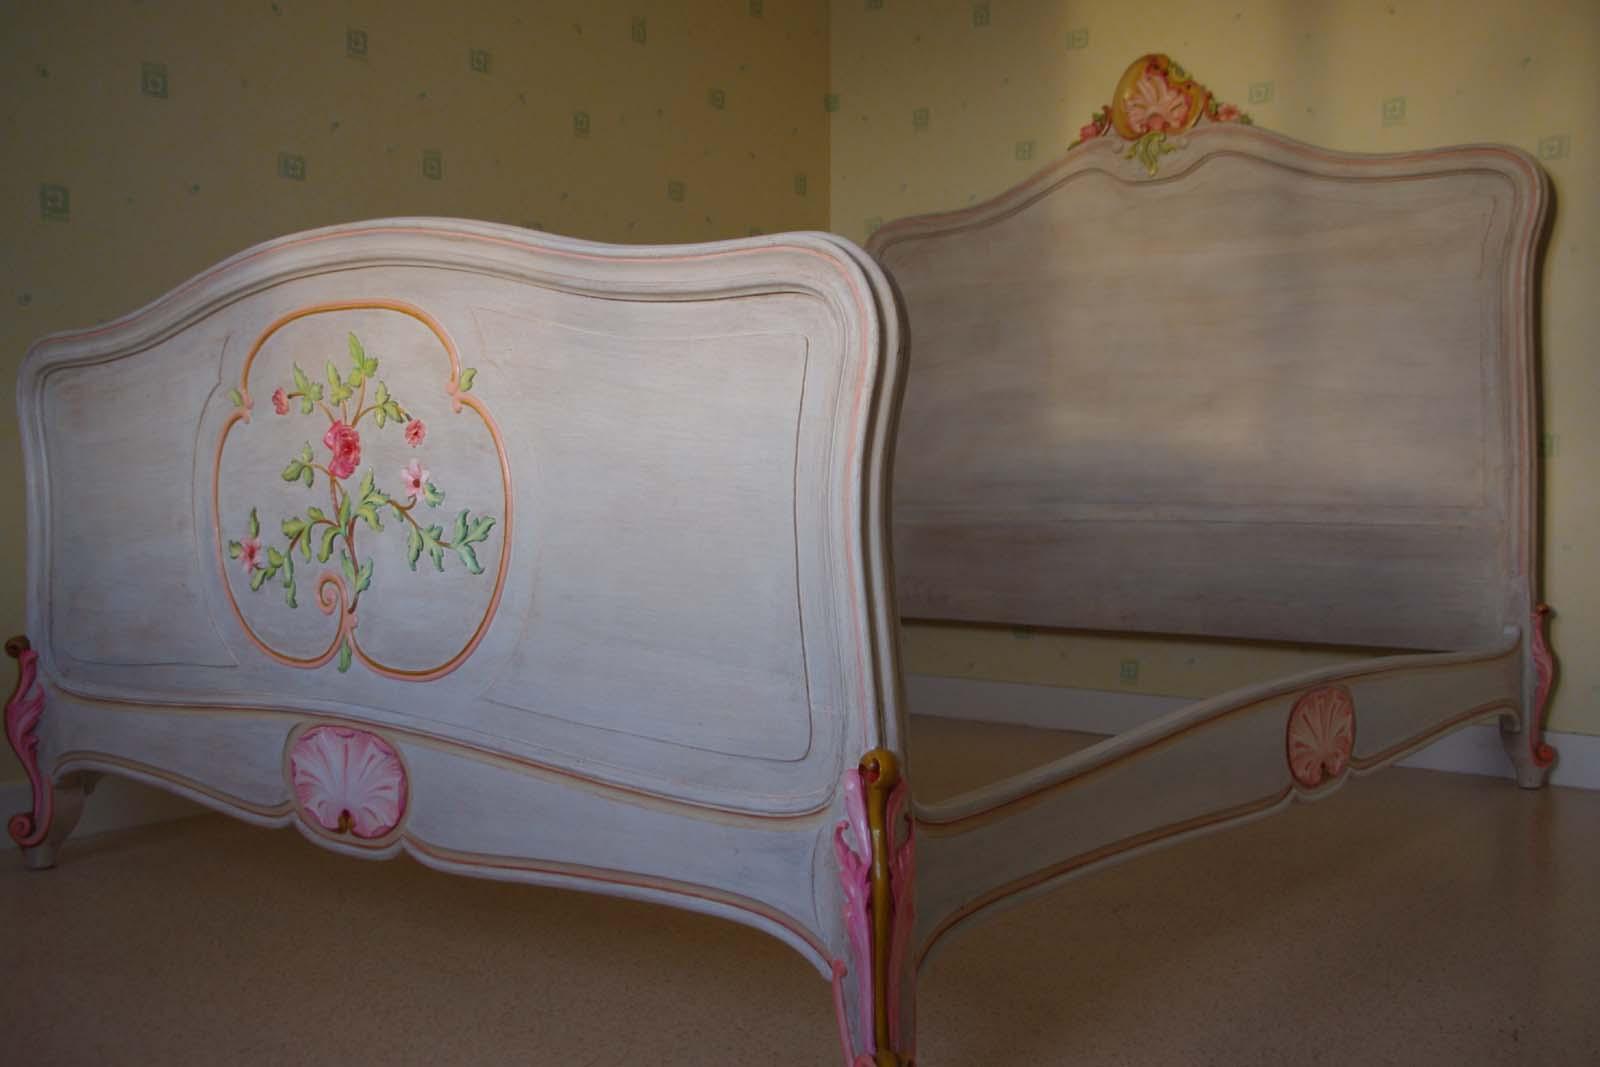 lit ancien relook lasur et peint la main. Black Bedroom Furniture Sets. Home Design Ideas